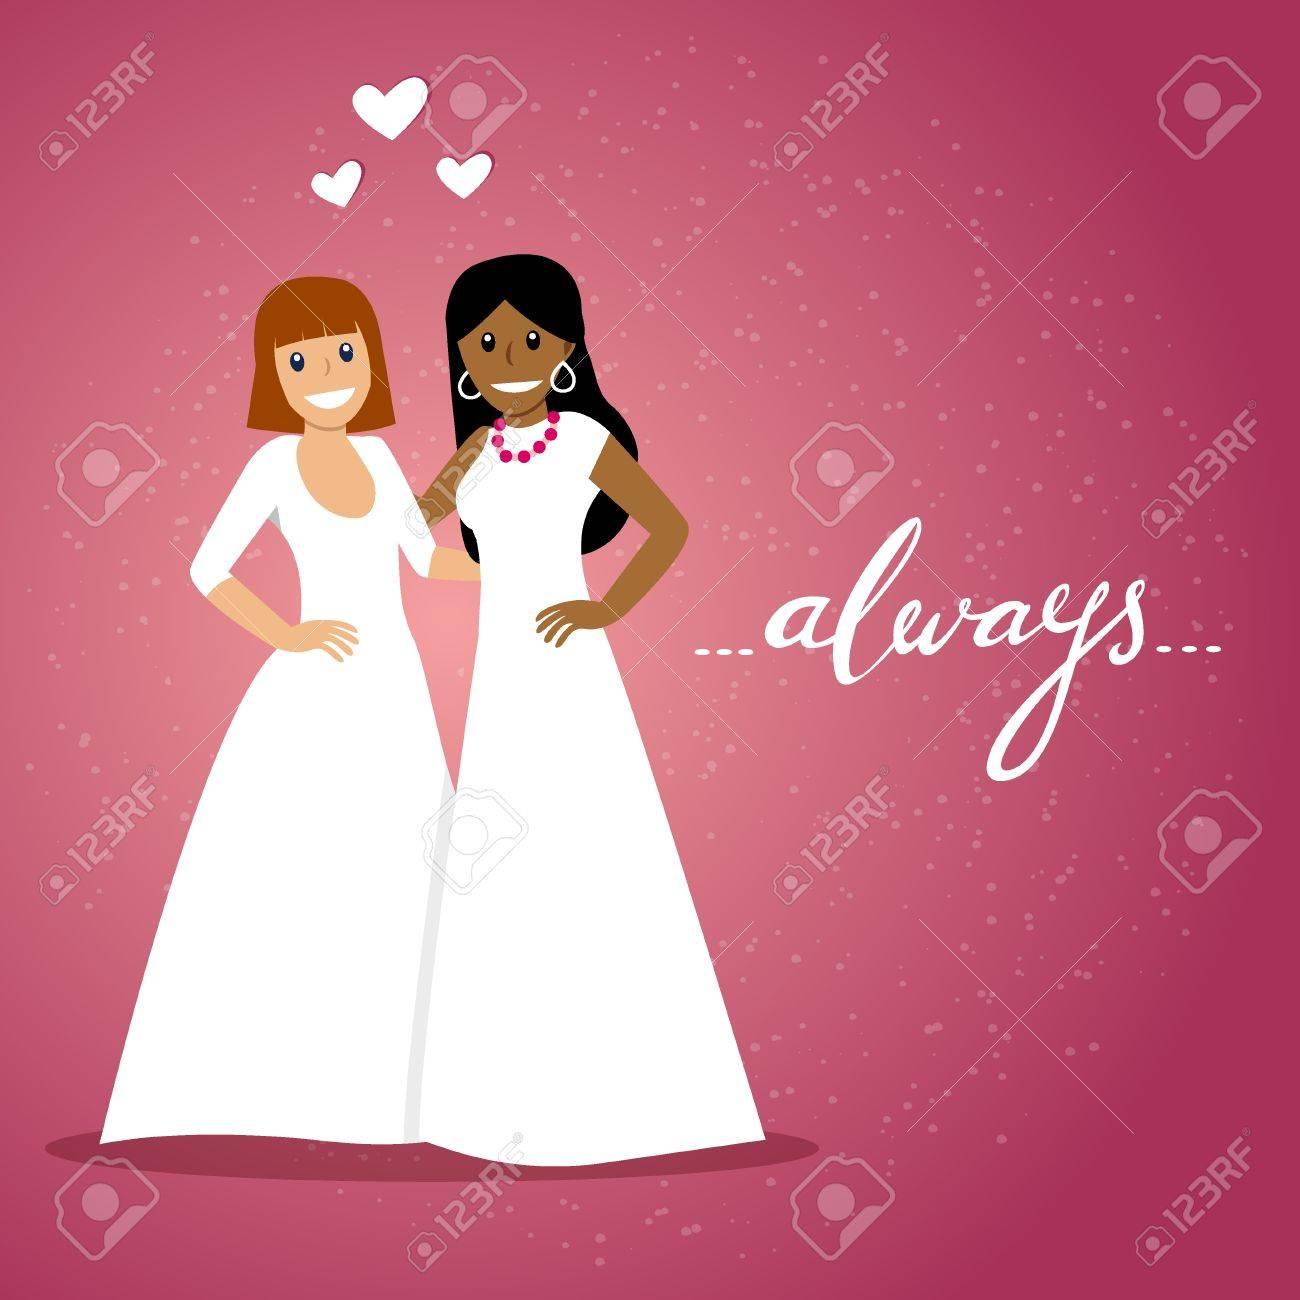 幸せな同性カップルと手書き単語の「常に」ロマンチックなベクトル図が